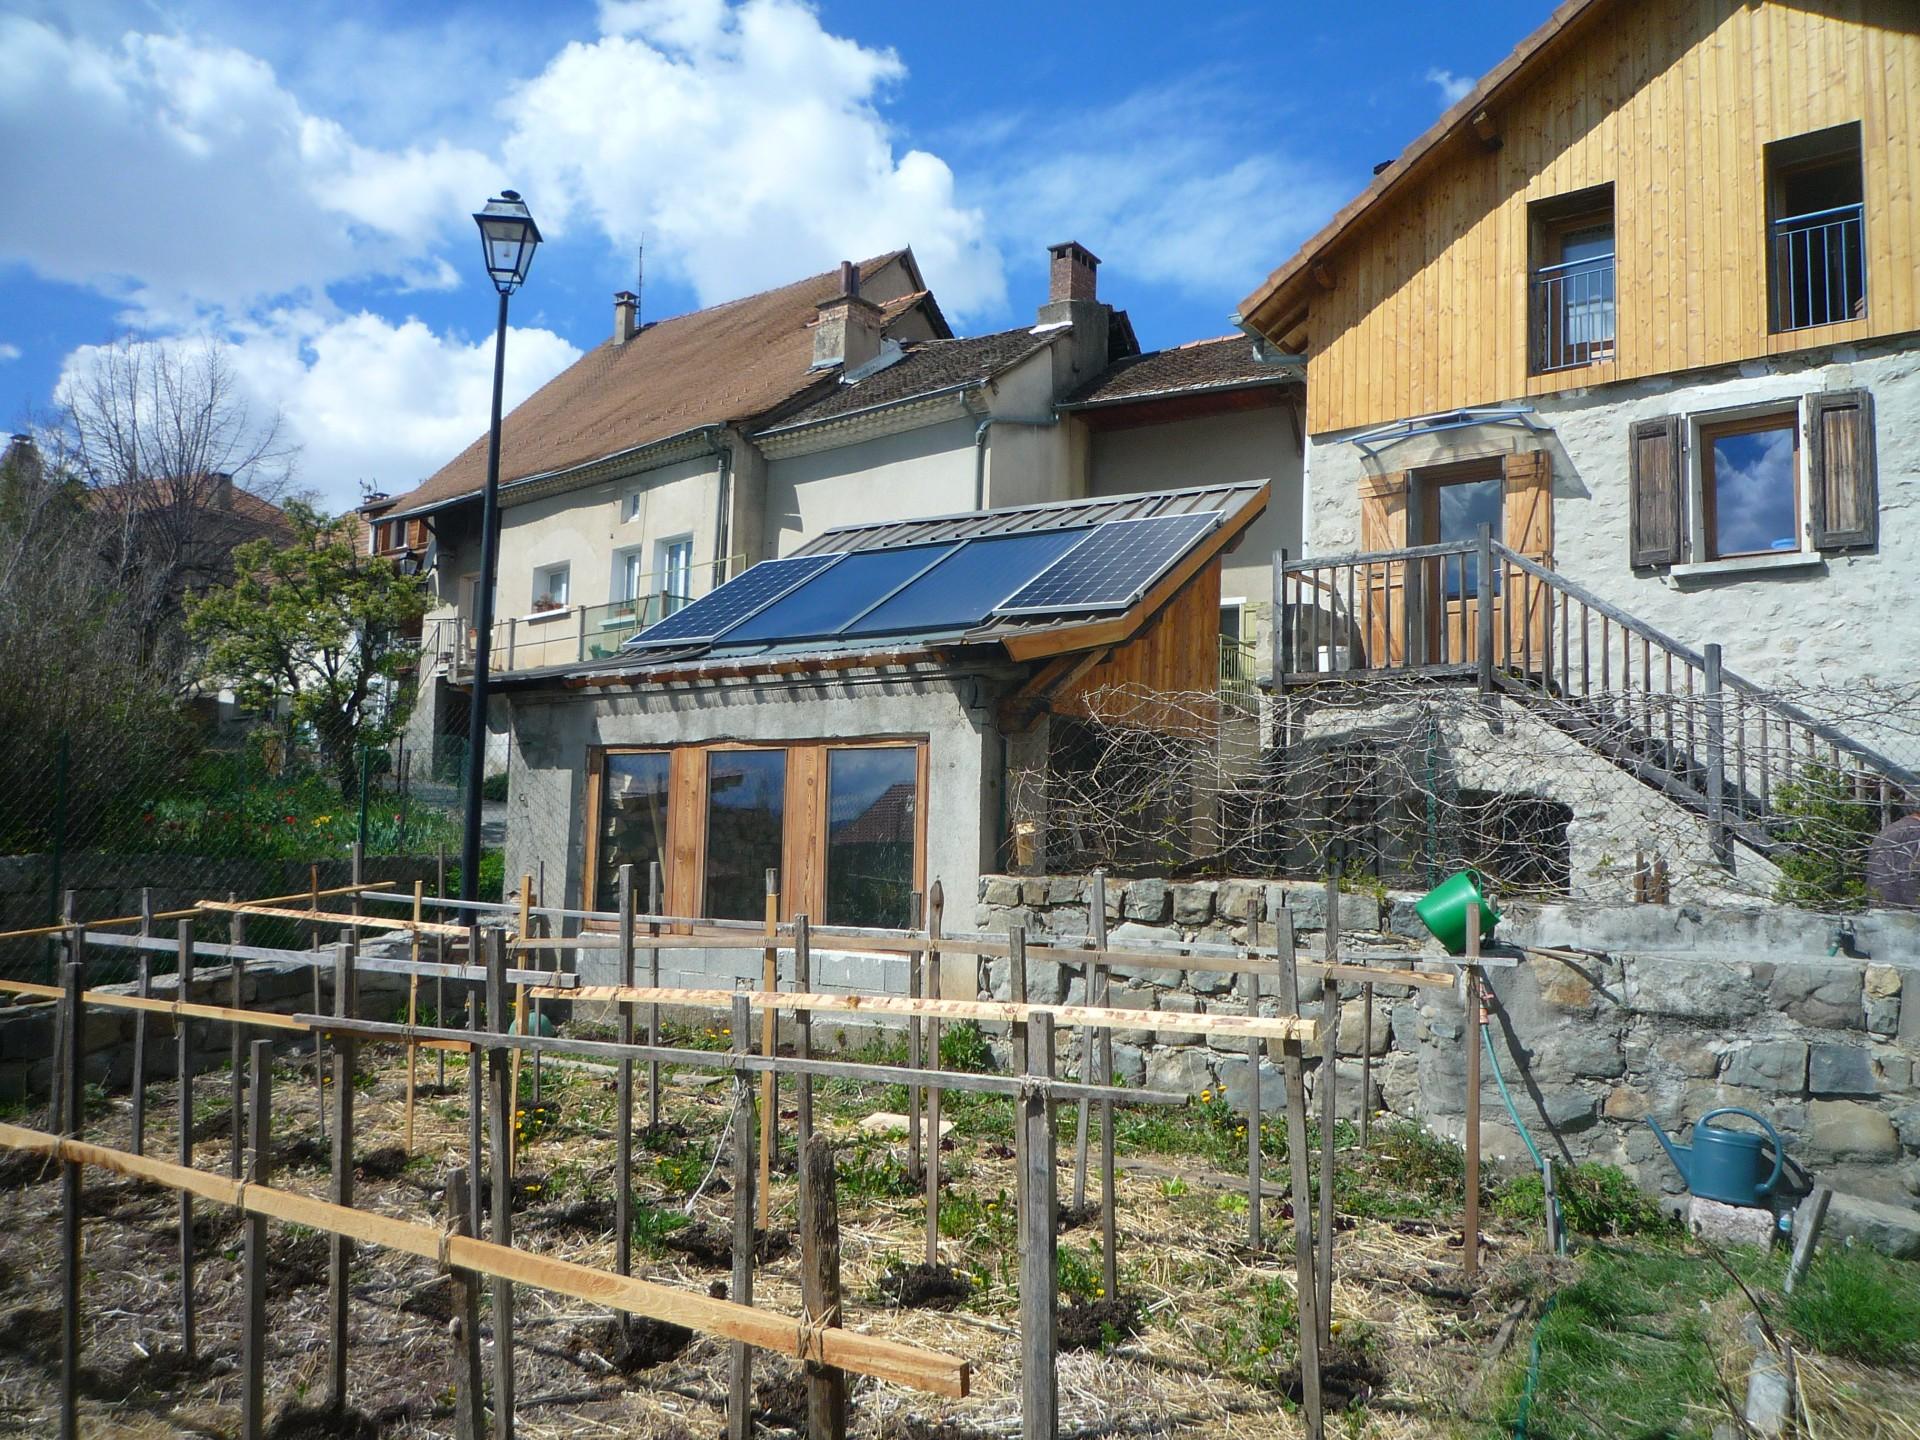 Jardin et solaires